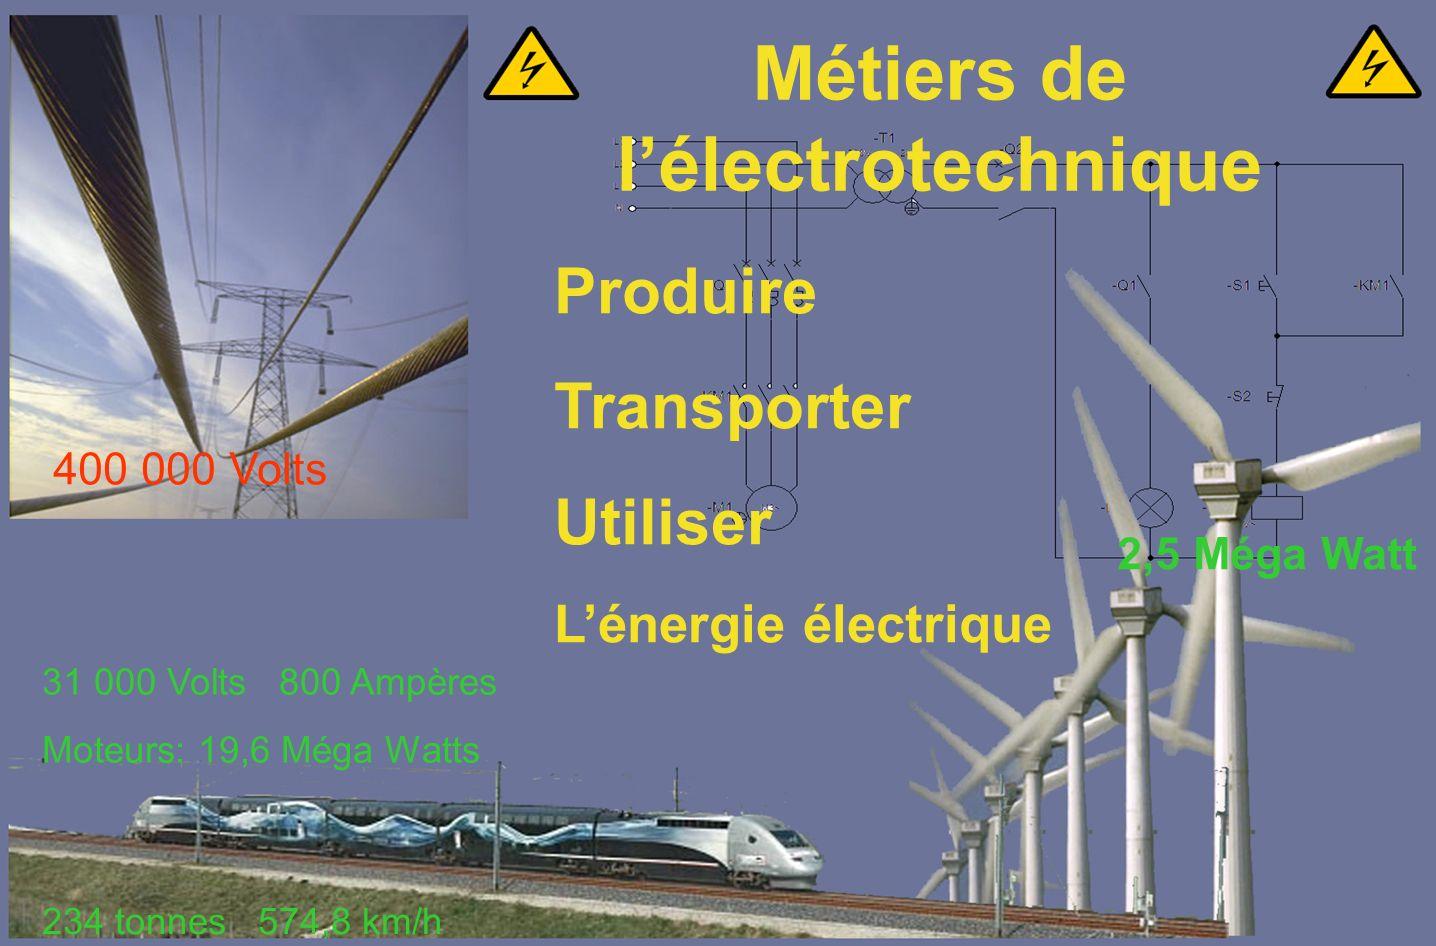 Métiers de lélectrotechnique 400 000 Volts 2,5 Méga Watt 234 tonnes 574,8 km/h 31 000 Volts 800 Ampères Moteurs: 19,6 Méga Watts Produire Transporter